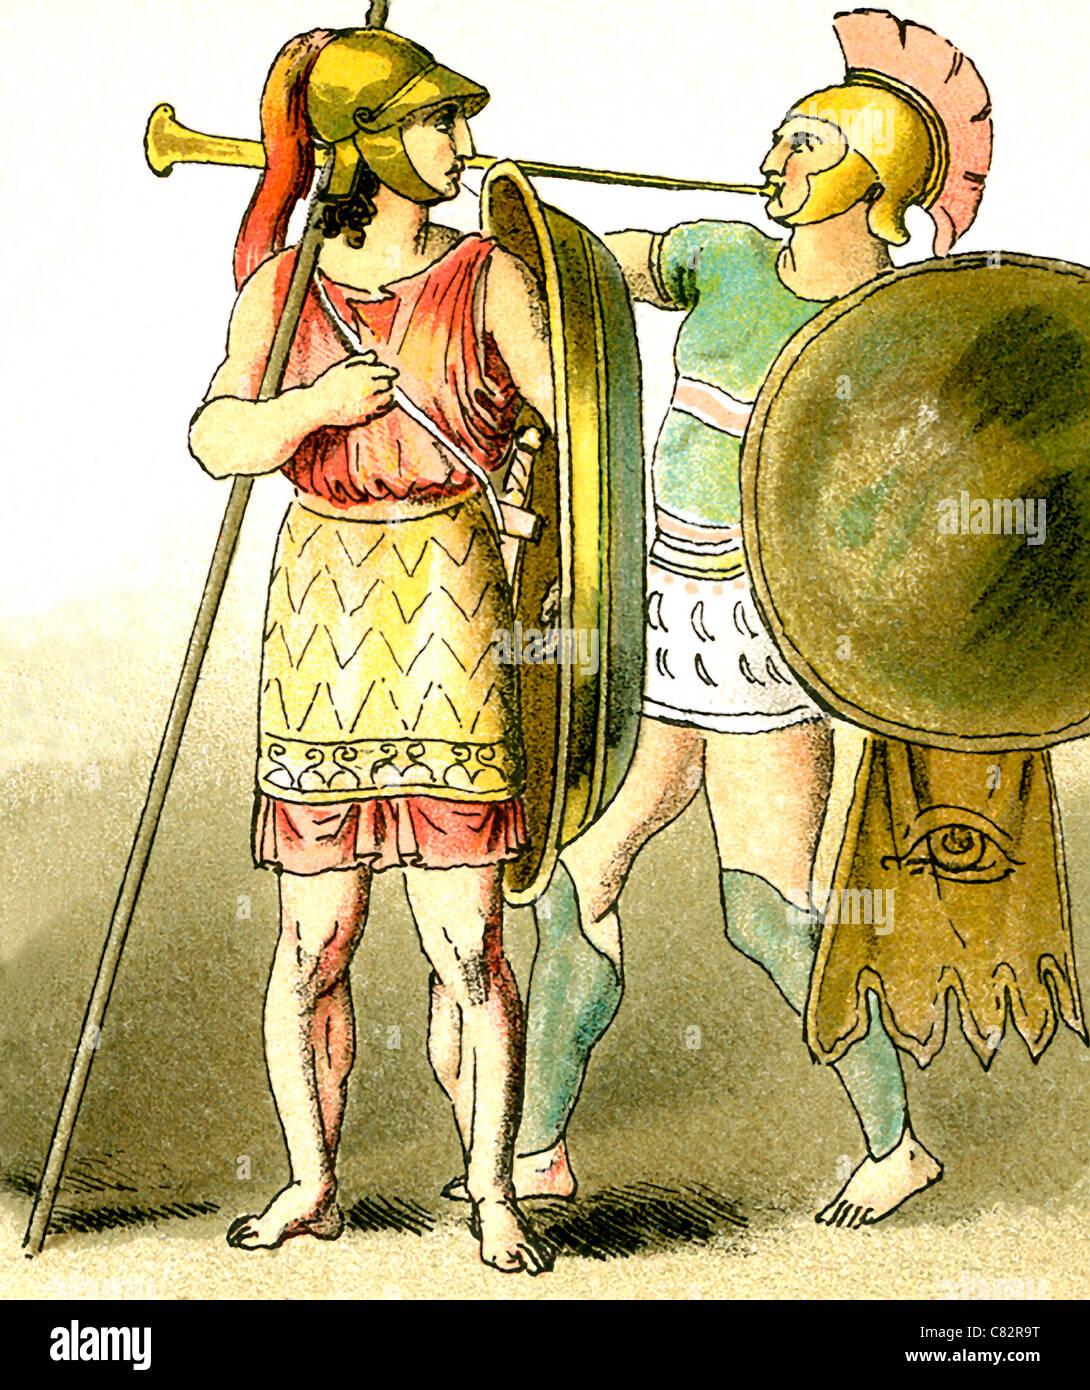 Diese Illustrationen des alten Griechen darstellen, von links nach rechts: ein Krieger und ein Trompeter. Die Abbildungen Stockbild